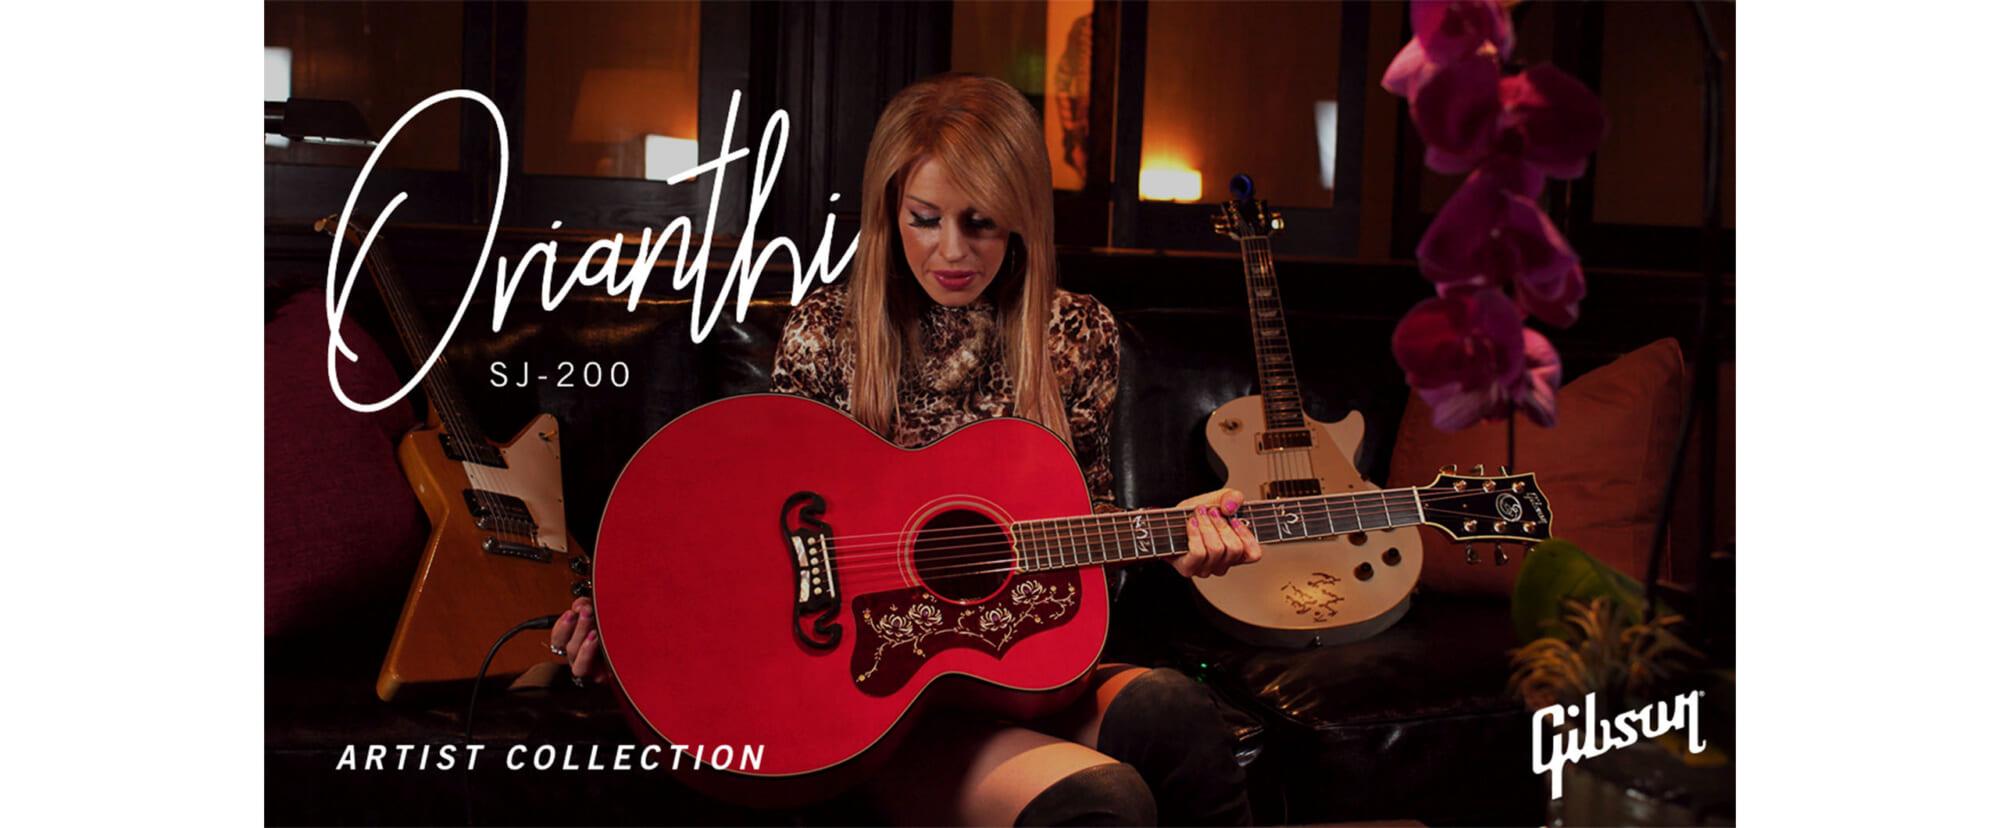 ギブソン、オリアンティとの契約を発表シグネチャー・ギターの国内発売は5月